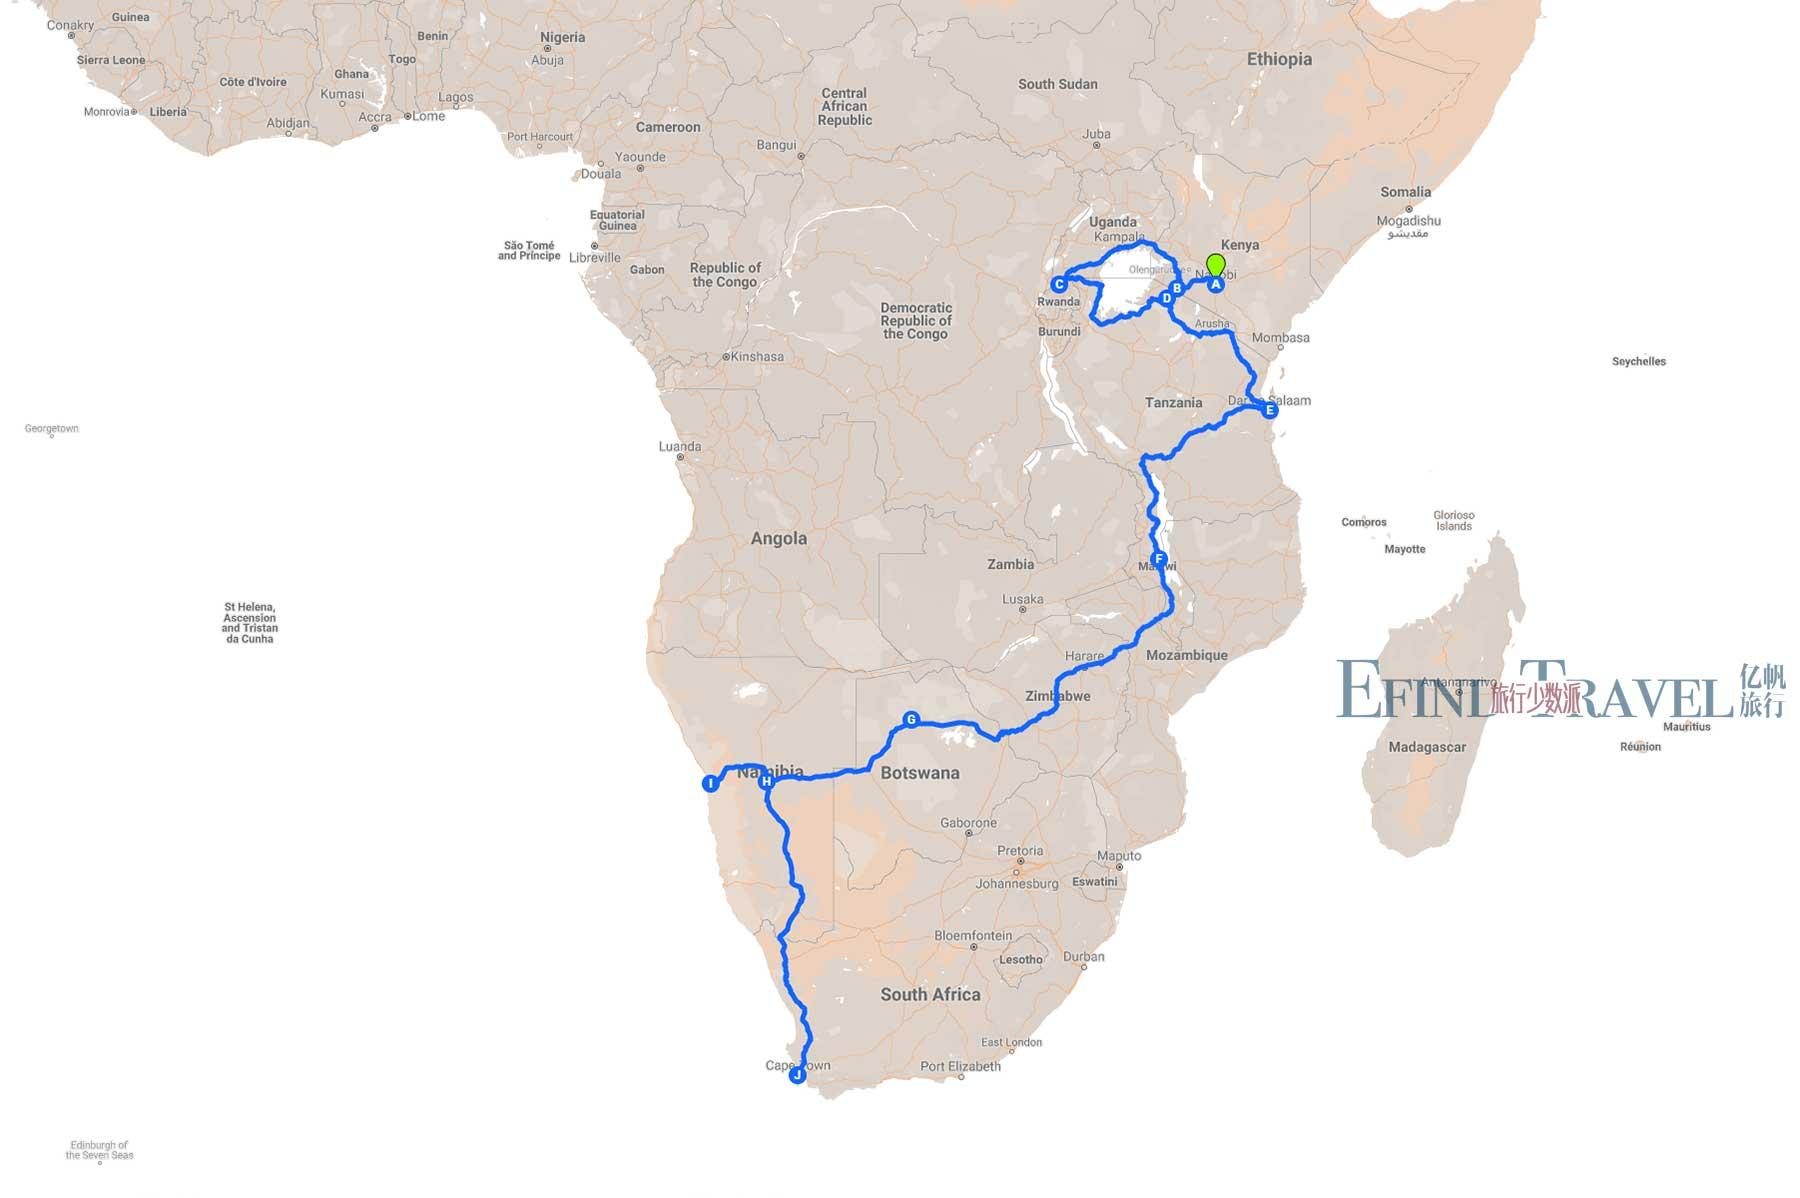 穿越非洲旅游57天地图